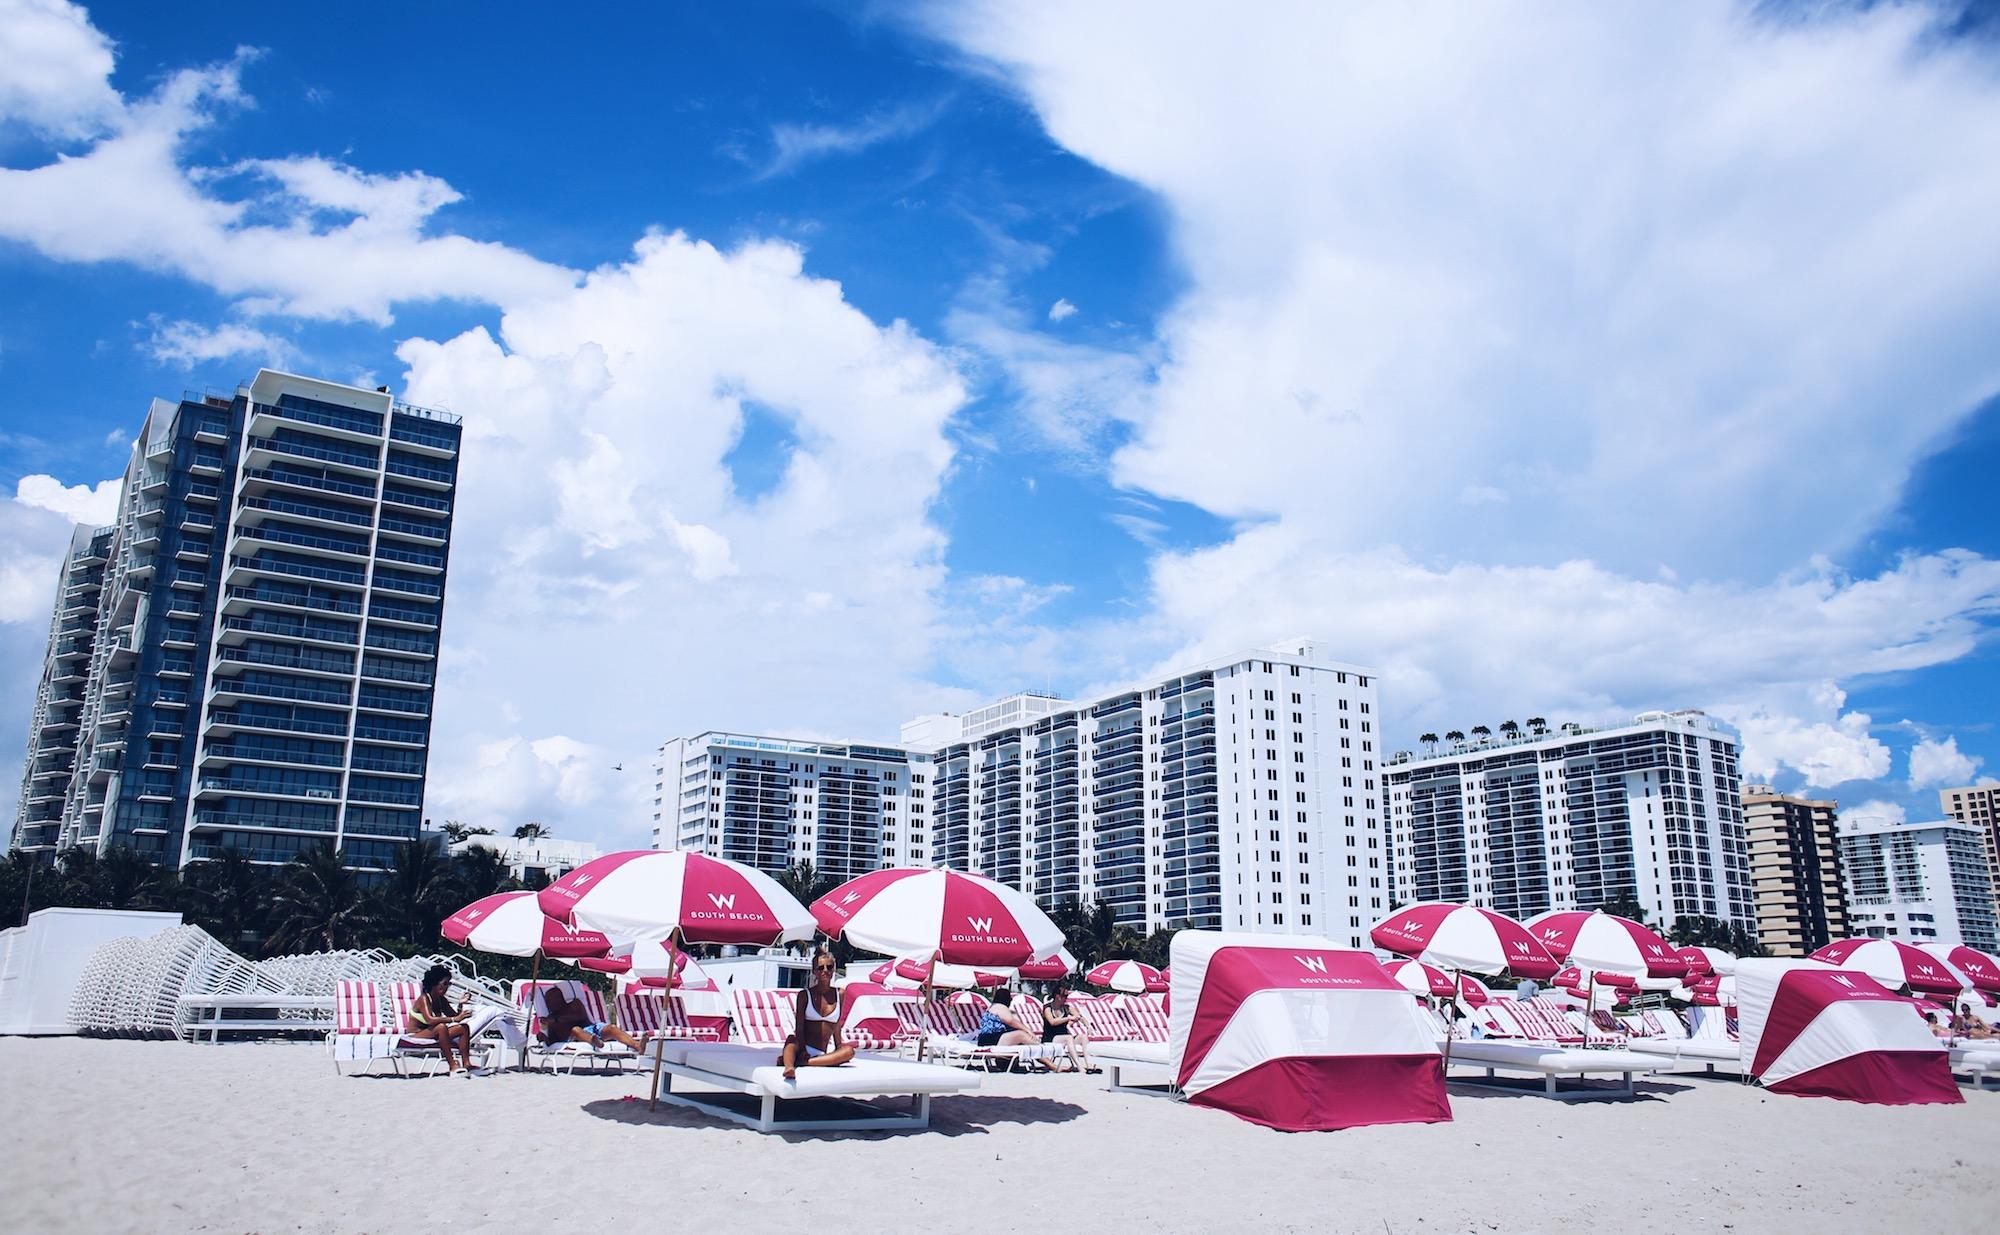 endless summer in miami at w south beach – debiflue